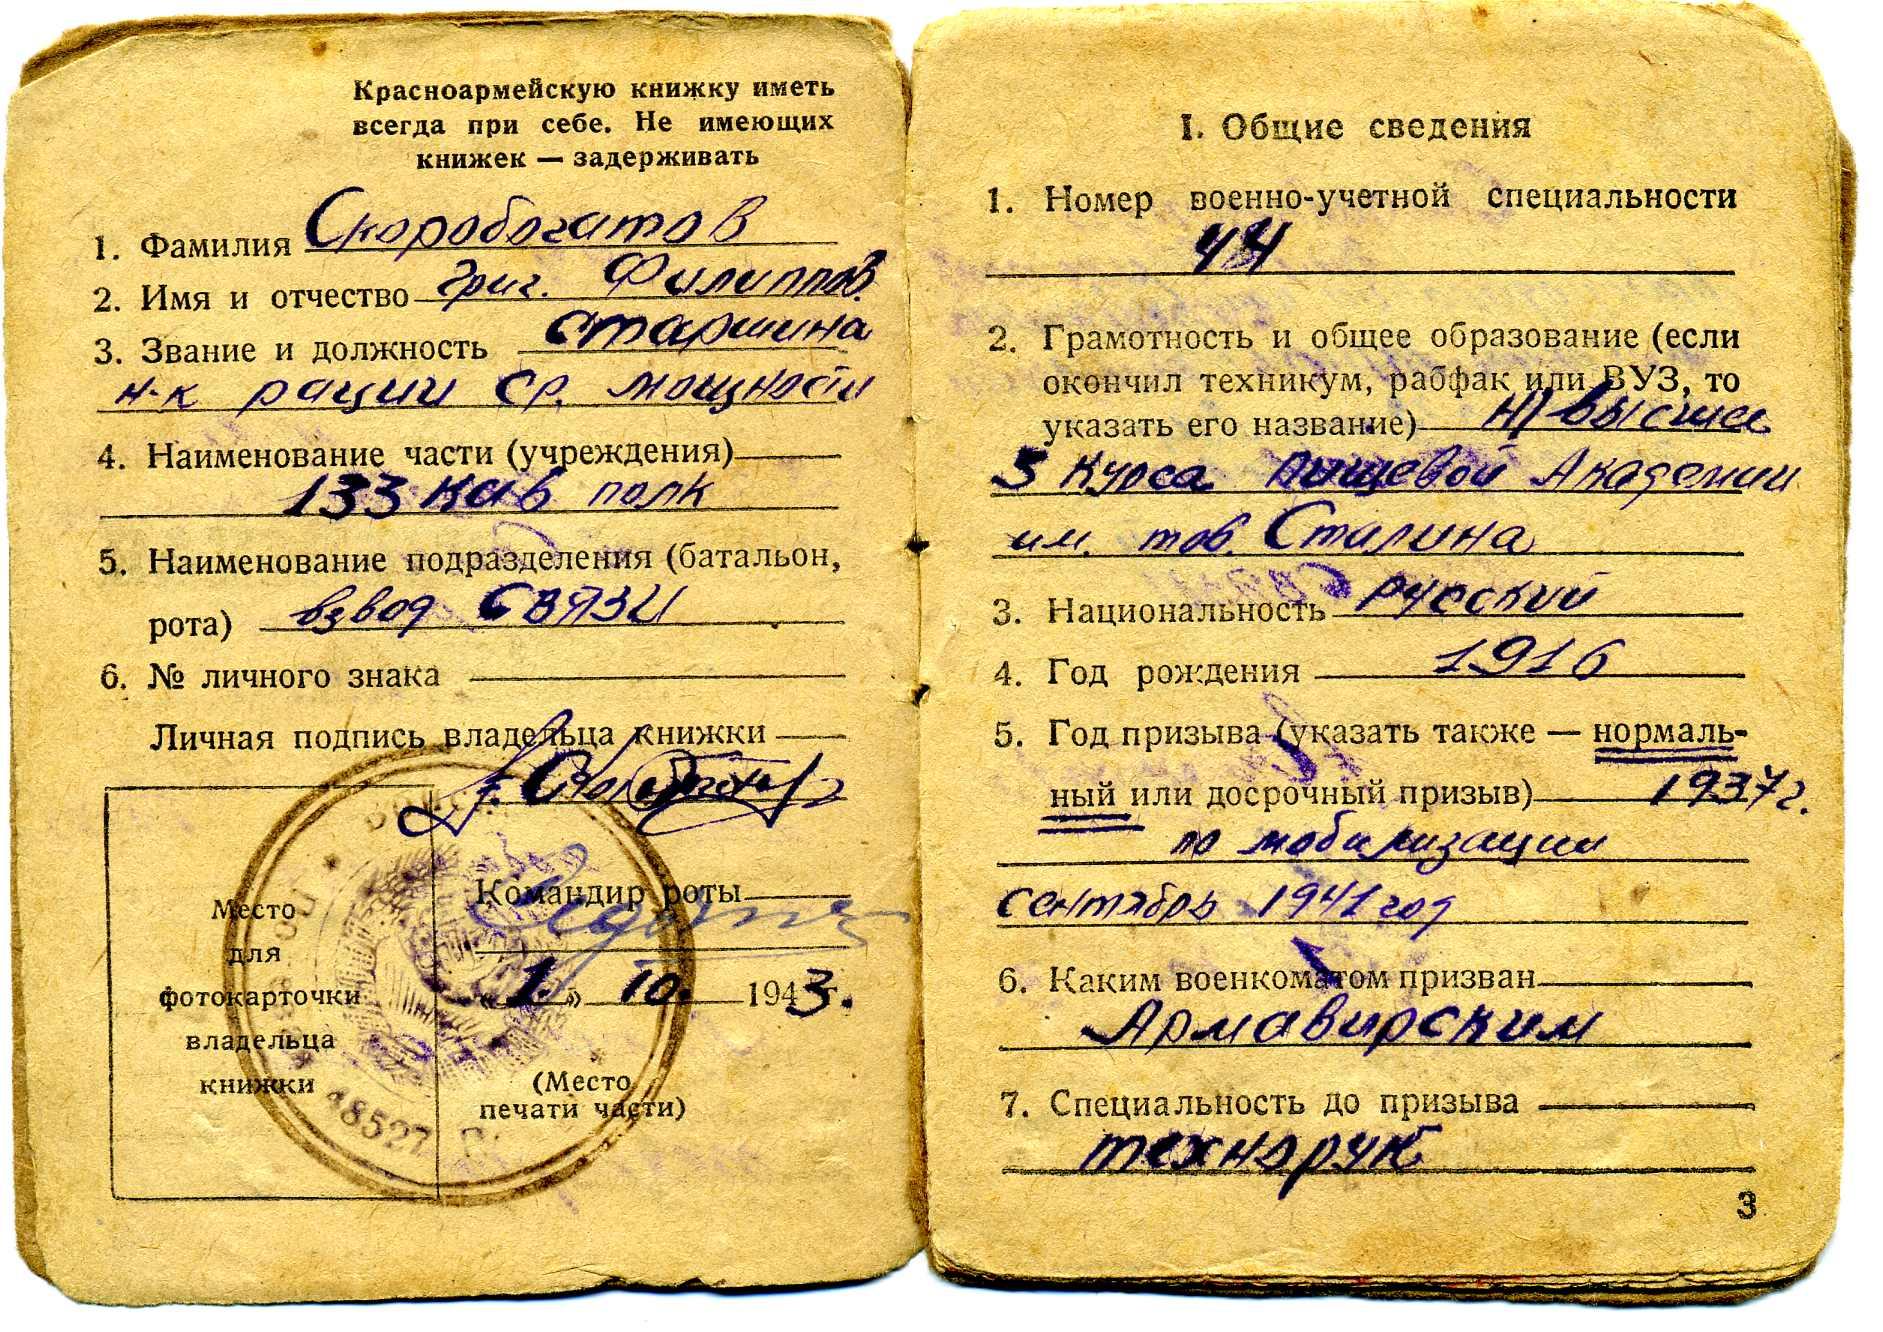 Анапчане – казаки 4-го гвардейского Кубанского казачьего кавалерийского корпуса., изображение №11